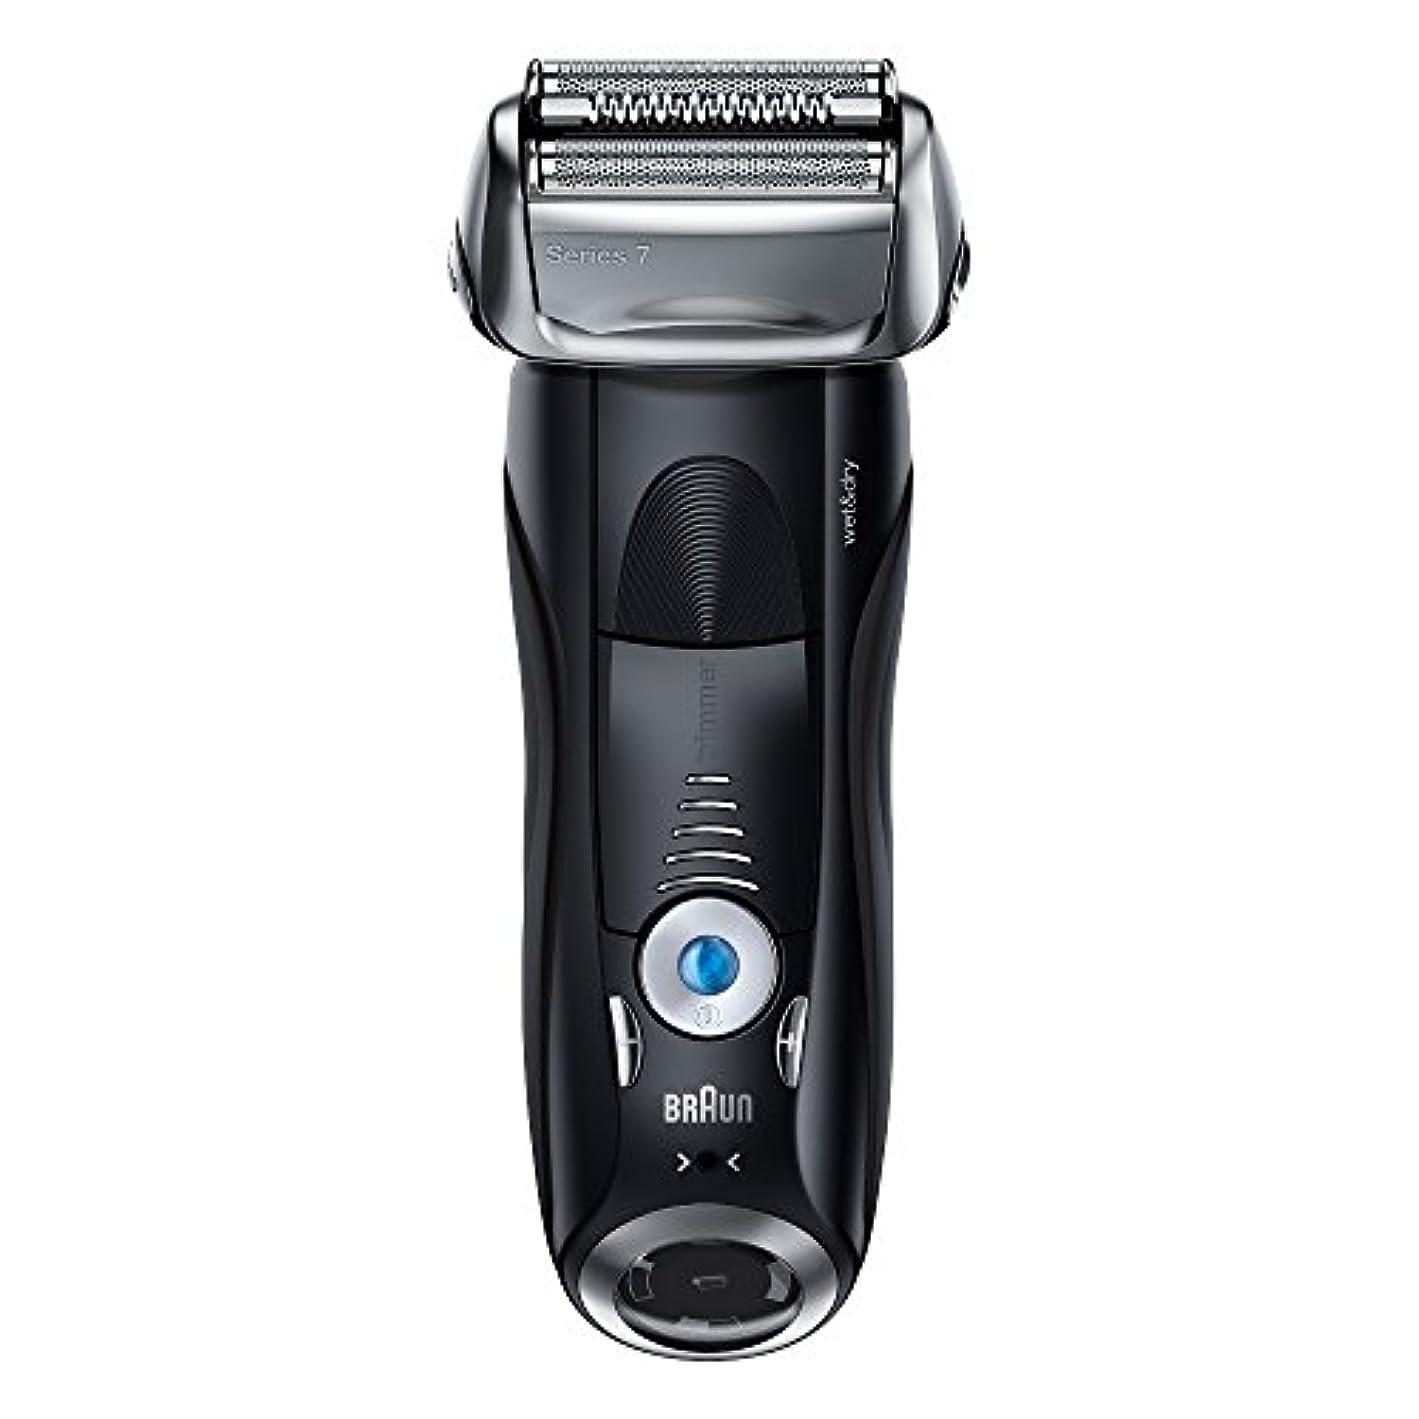 ウェイトレスクーポンワゴンブラウン メンズ電気シェーバー シリーズ7 7842s 4カットシステム 水洗い/お風呂剃り可